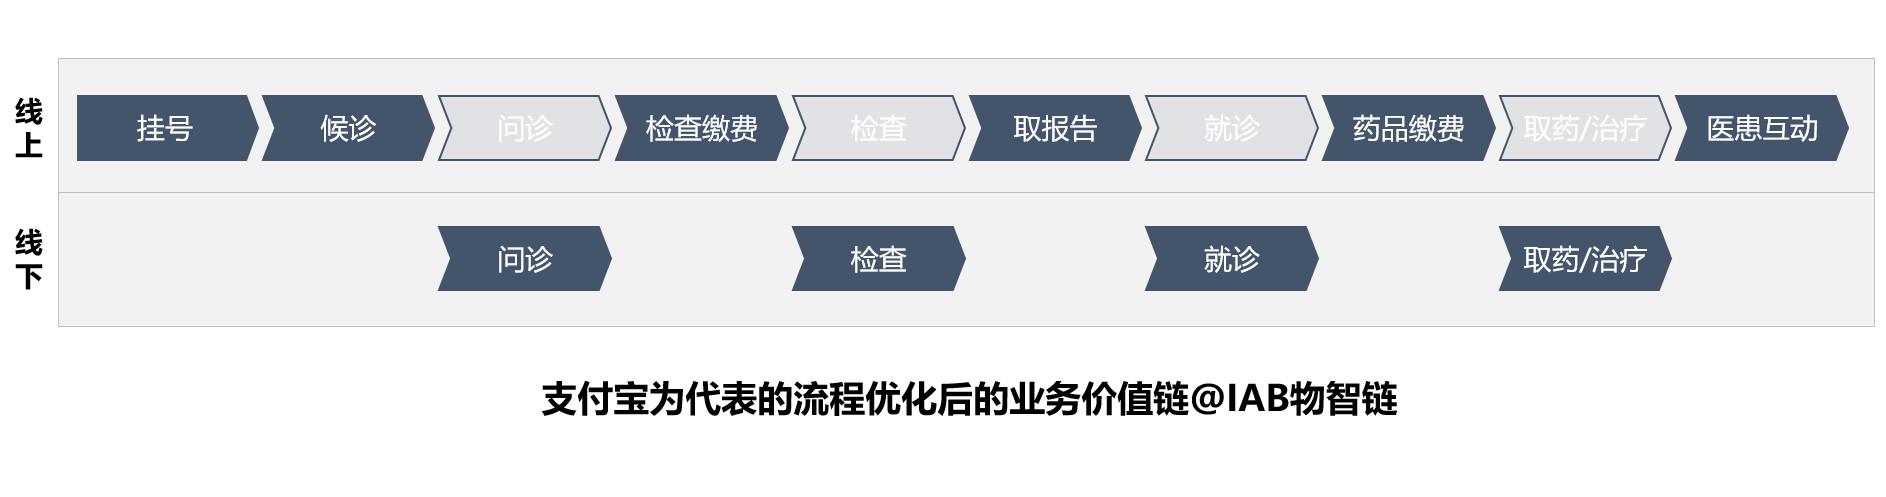 图02:支付宝医疗应用场景的切入部分 来源:李有龙《保险业生态战略系列培训课程》